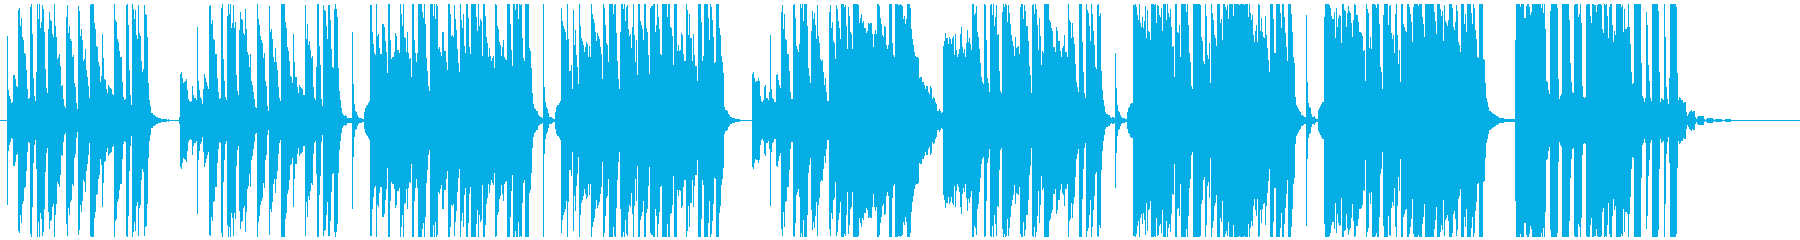 間の抜けた失敗をしたコミカルなBGMの再生済みの波形